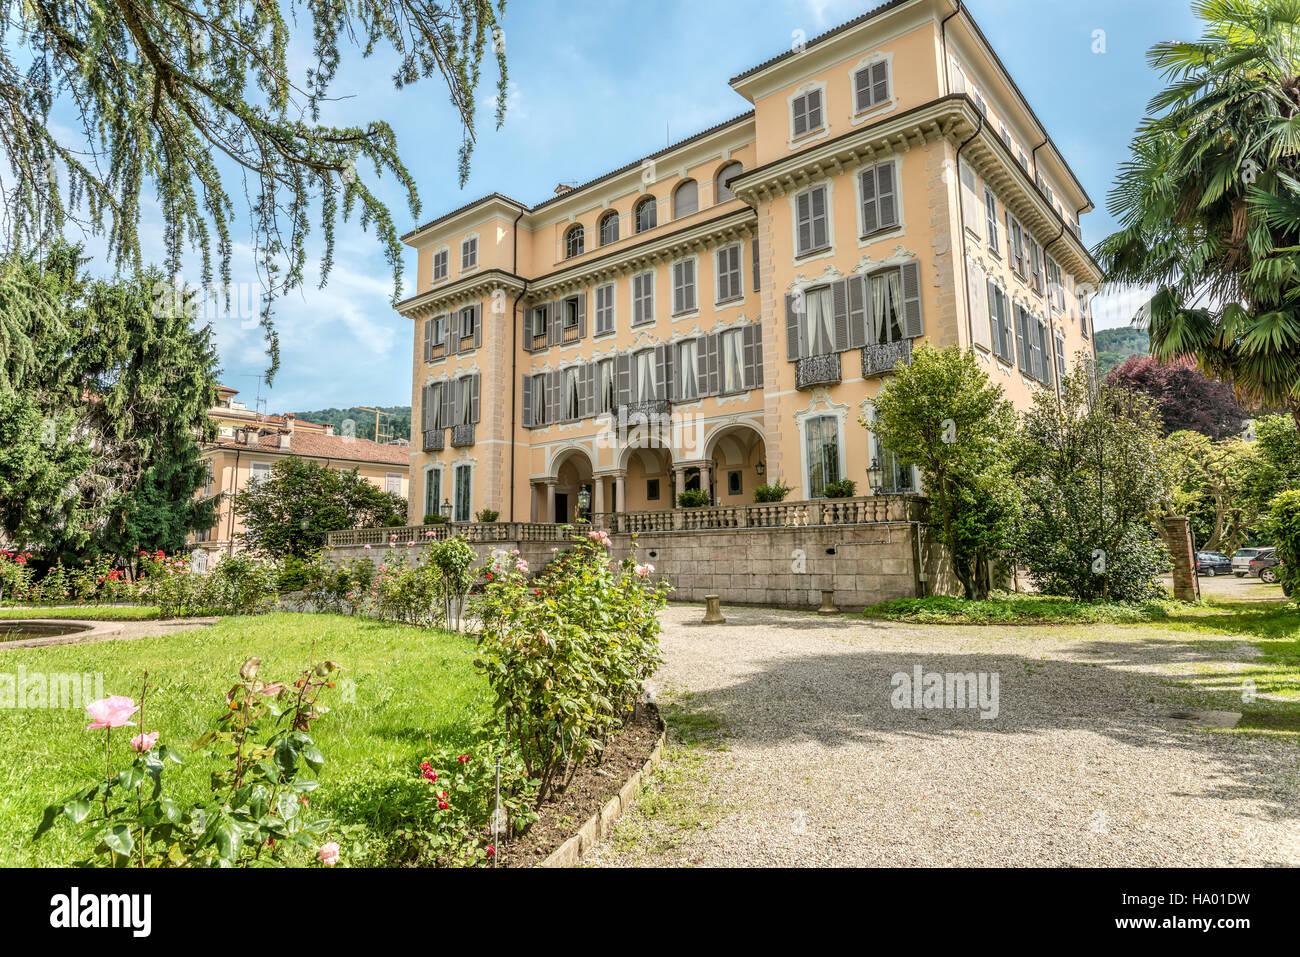 Centro Internazionale di Studi Rosmiani of Stresa at Lago Maggiore, Piemont, Italy - Stock Image